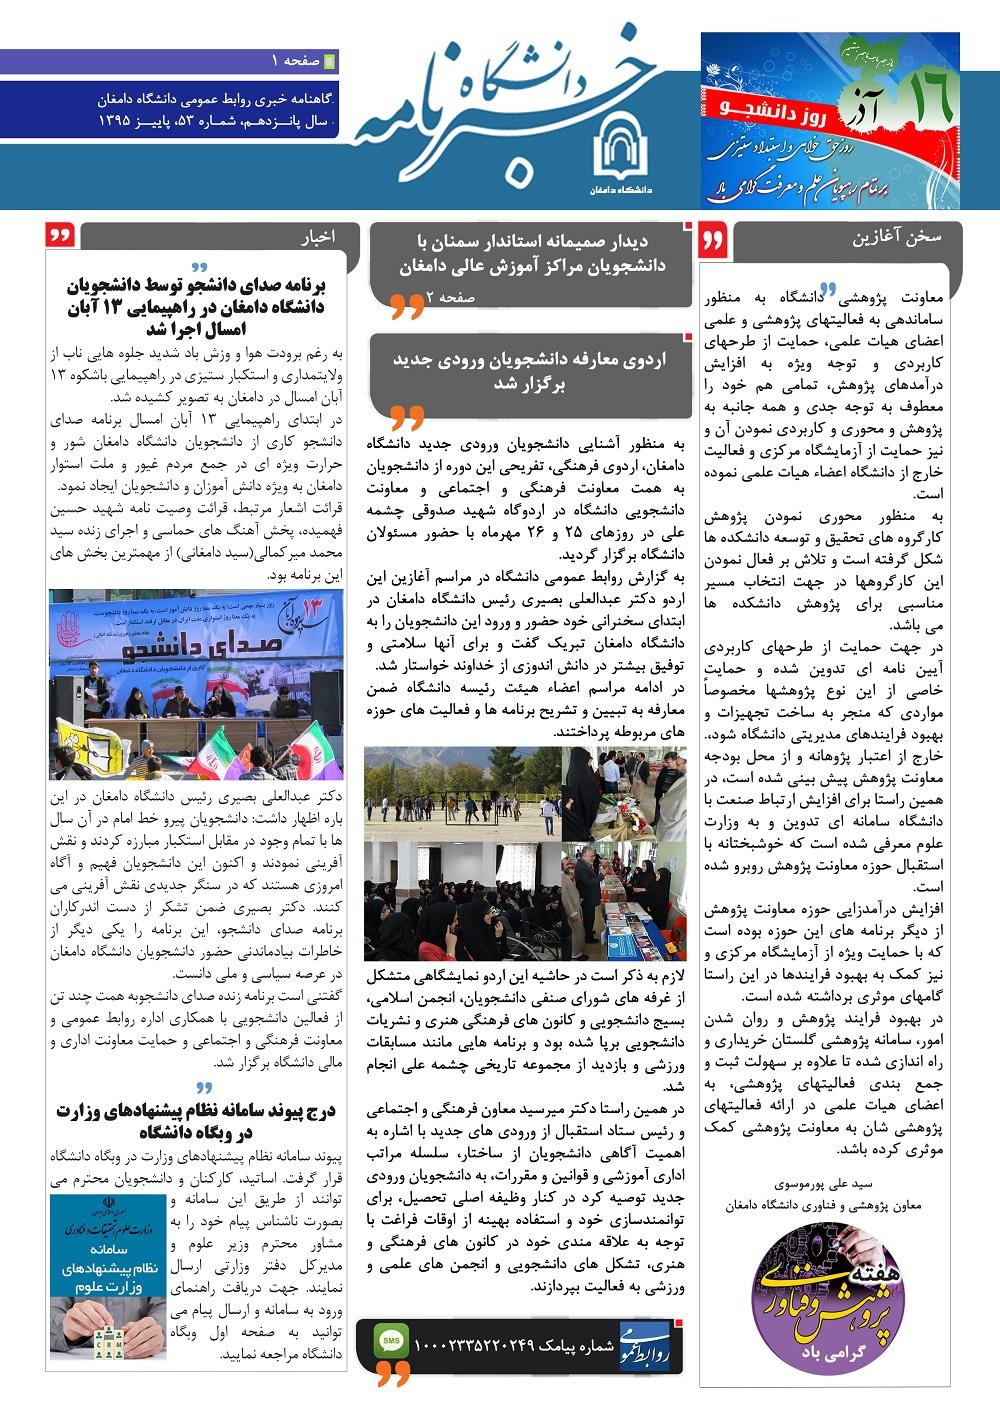 خبرنامه 53 دانشگاه دامغان